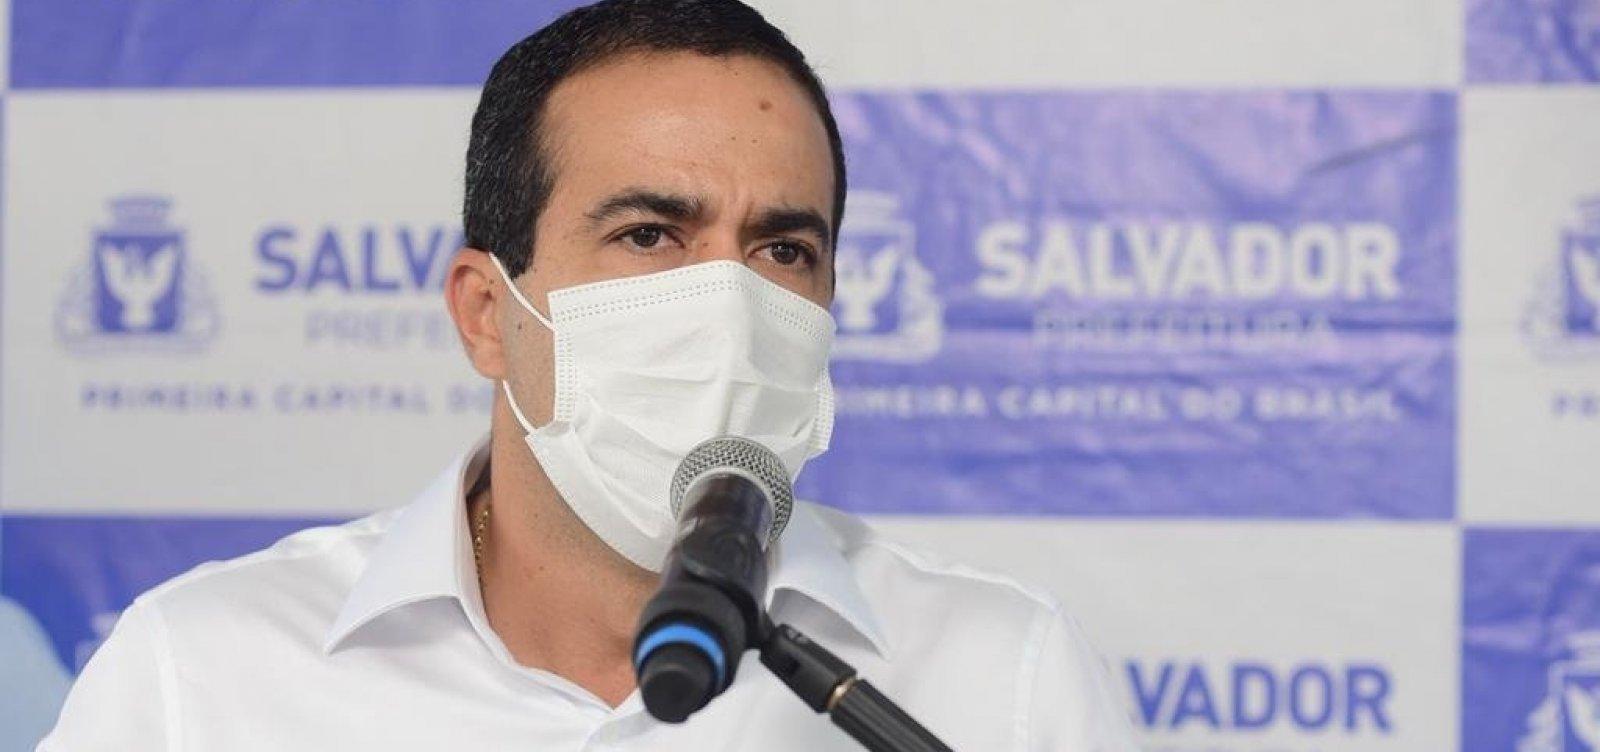 Prefeito de Salvador vai a Brasília após governo federal reduzir financiamento de leitos Covid